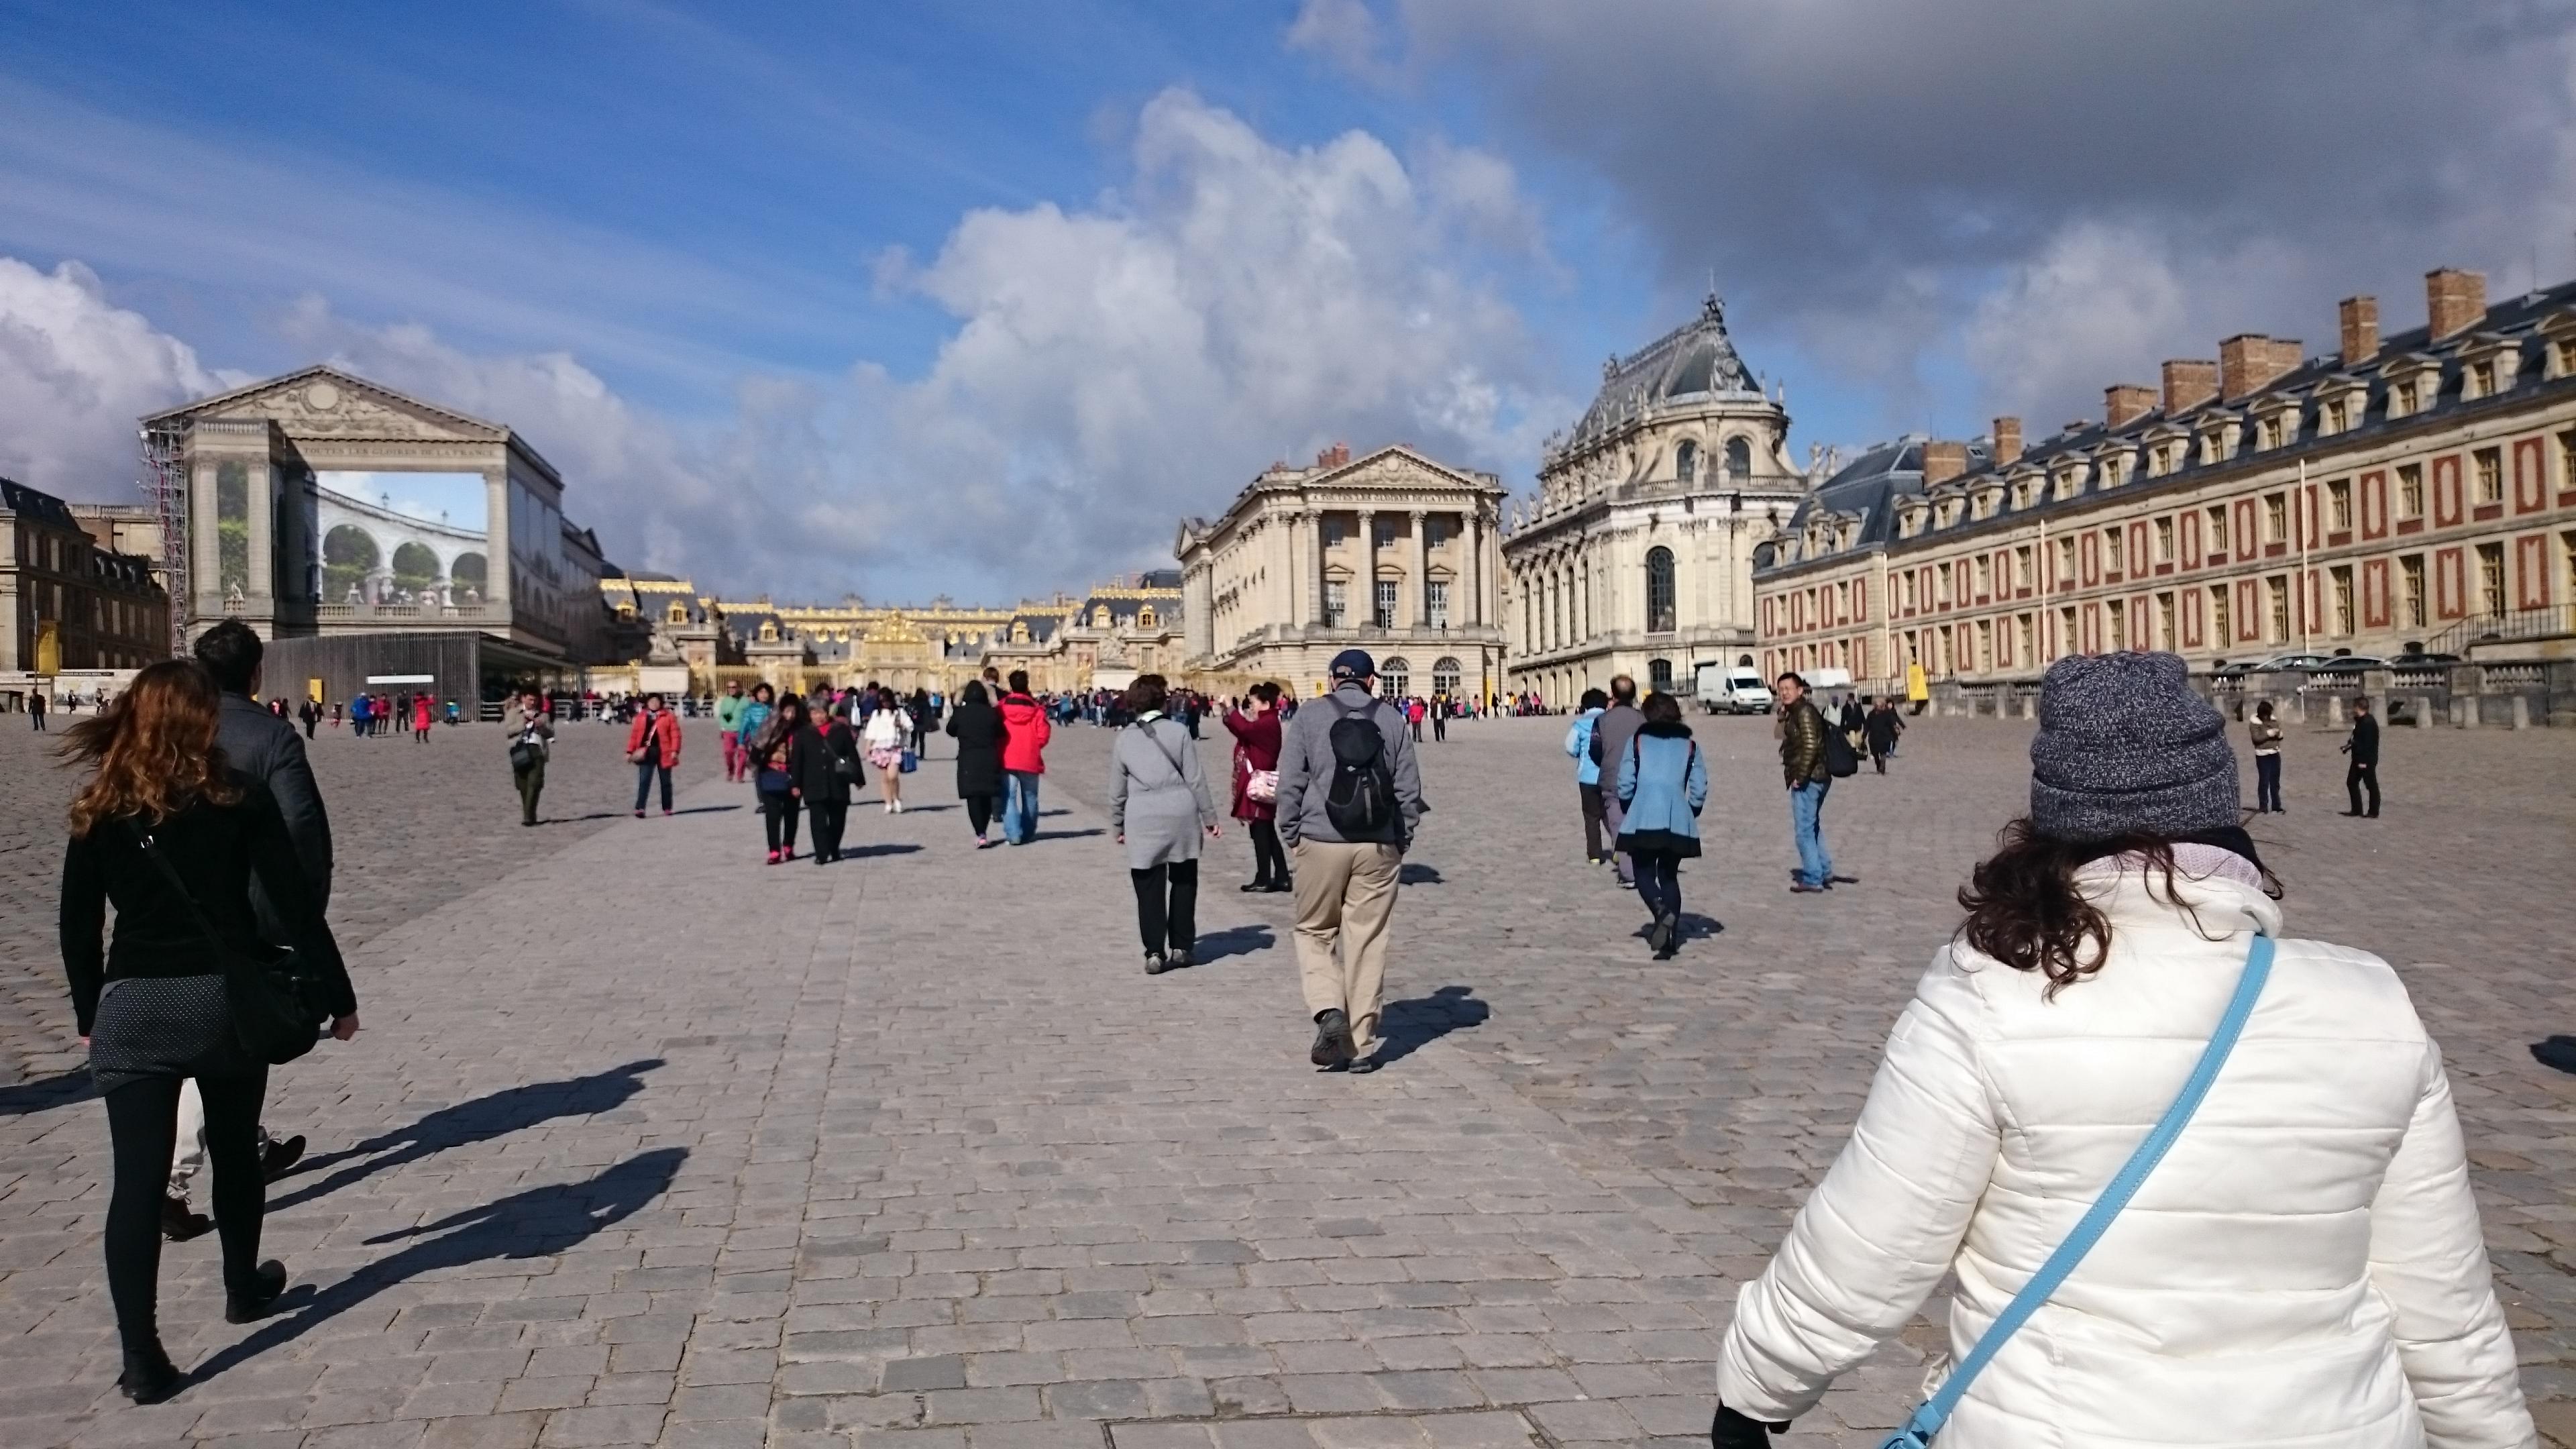 dsc 1146 - Visita al Palacio de Versalles: Como ir, cuanto cuesta y tips I/III